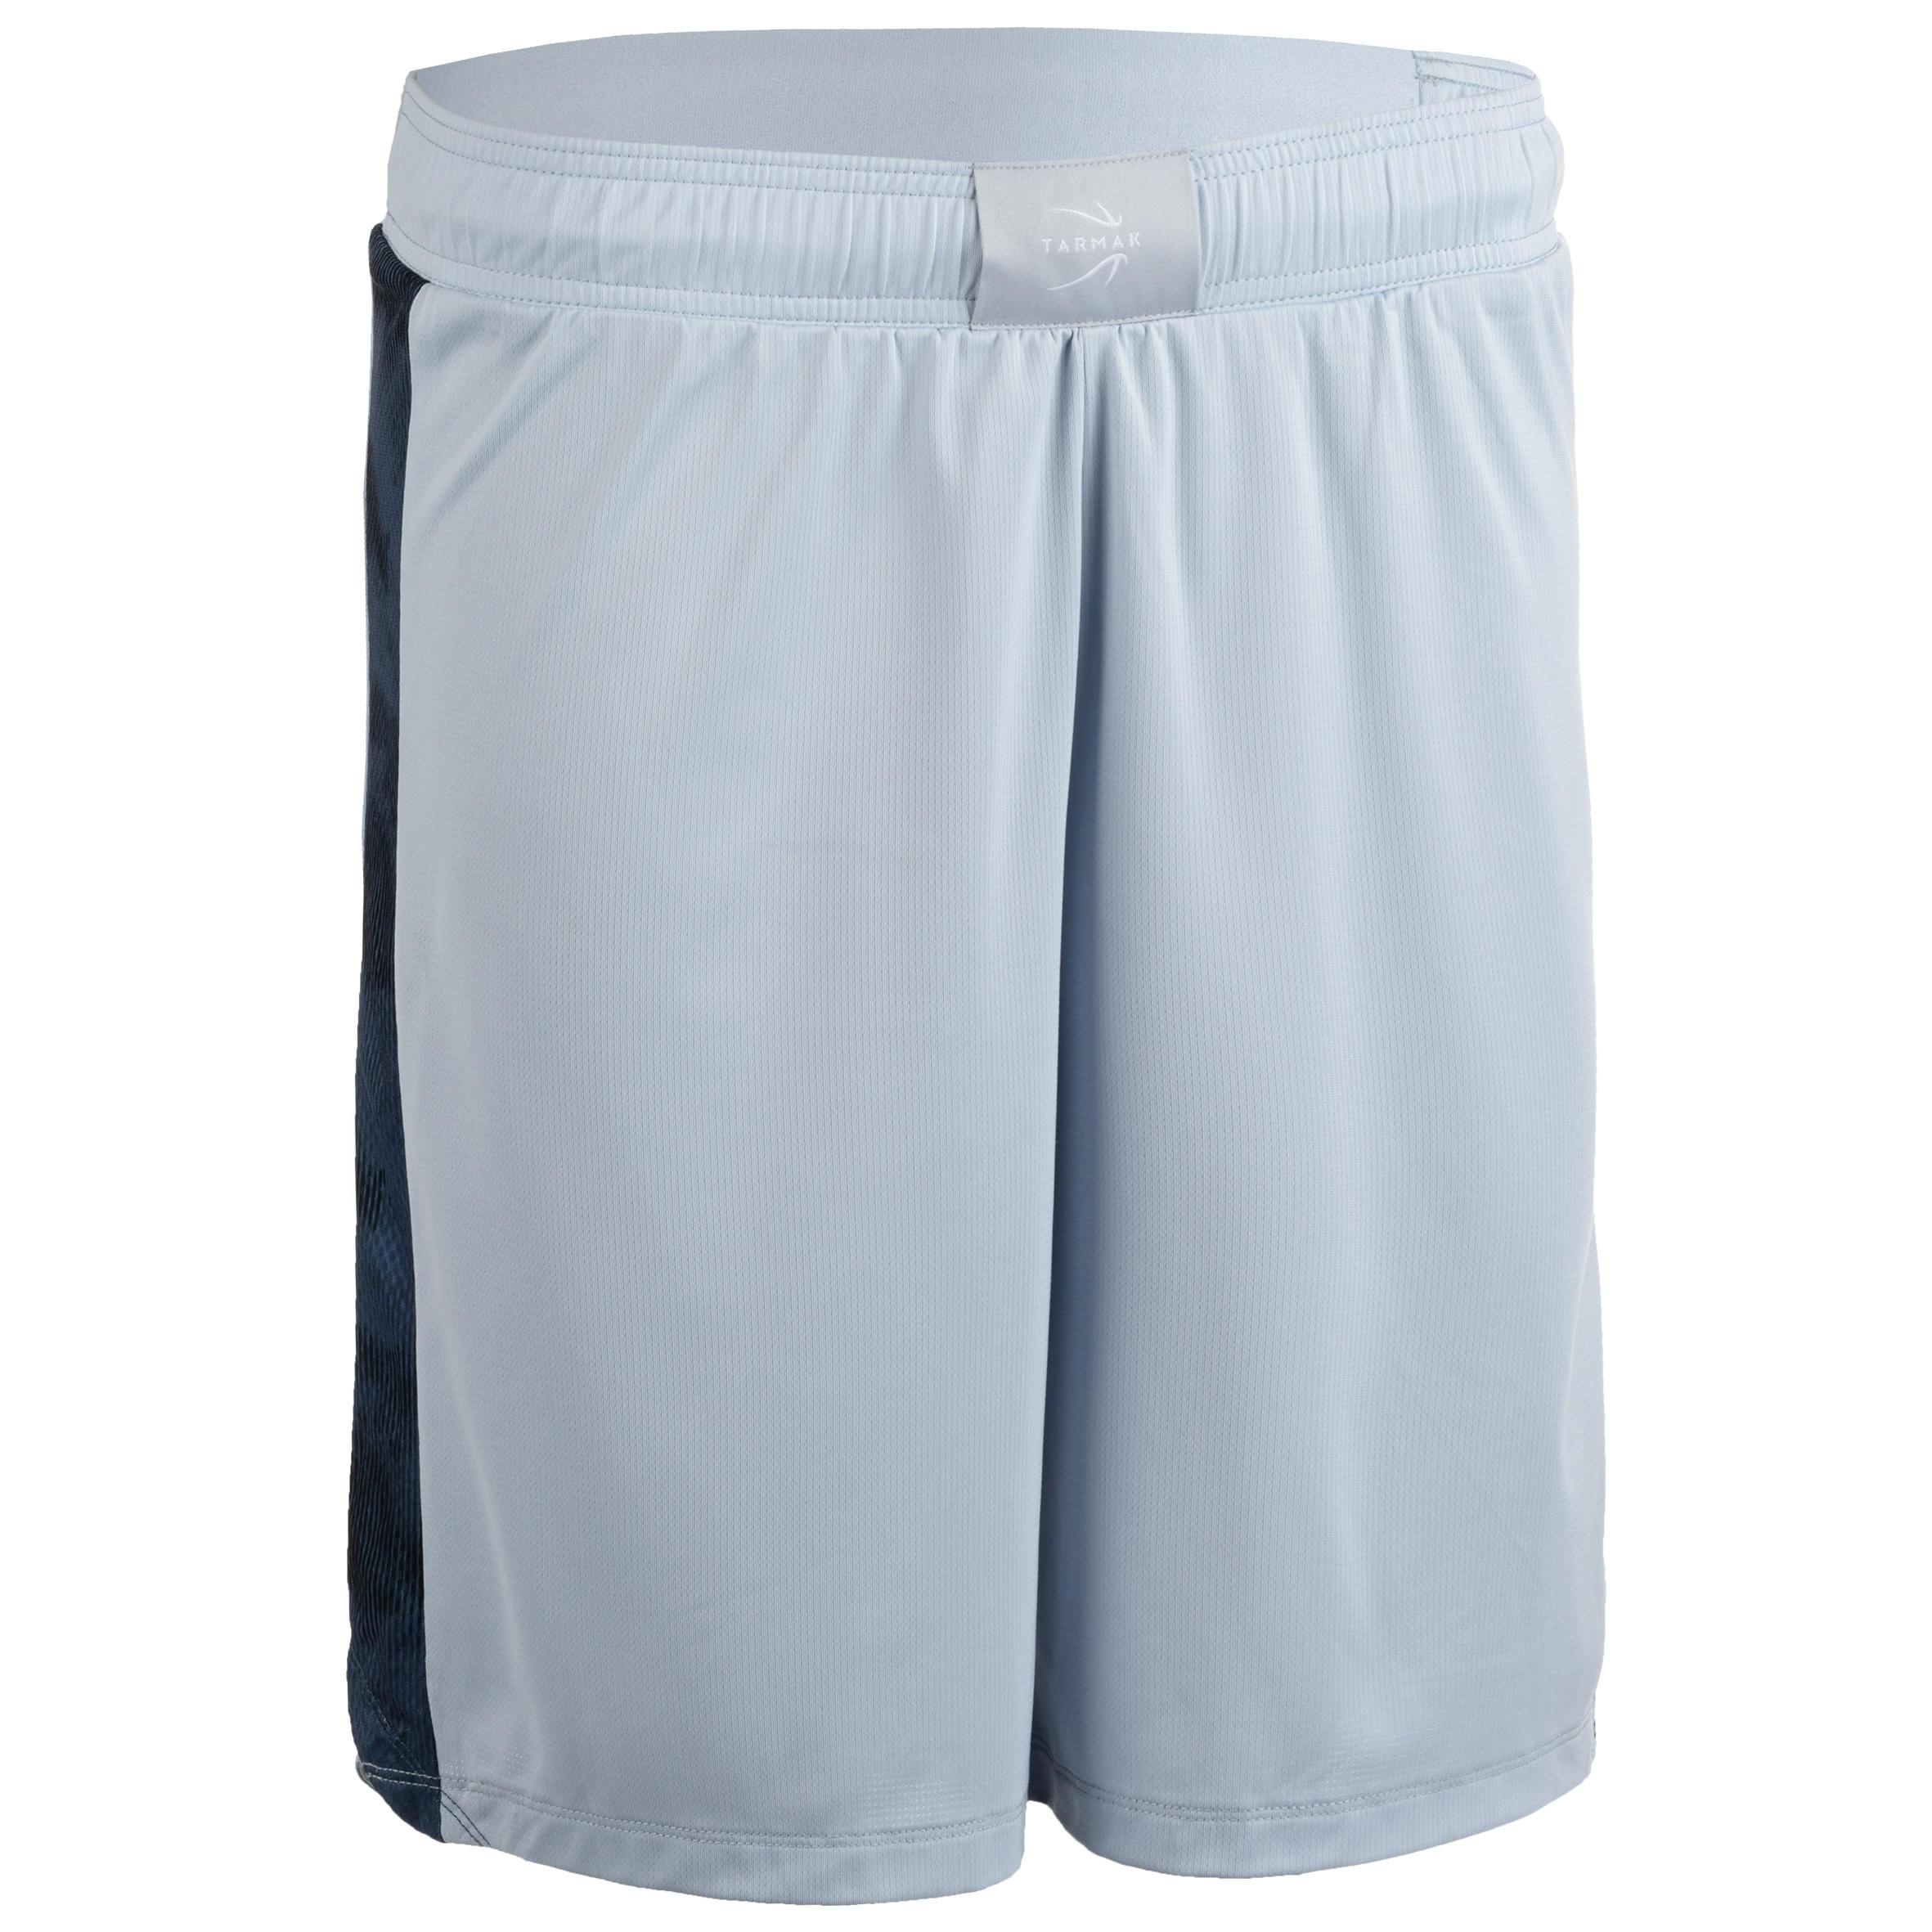 Basketballshorts SH500 Damen hellgrau | Sportbekleidung > Sporthosen > Basketballshorts | Grau - Blau | Tarmak